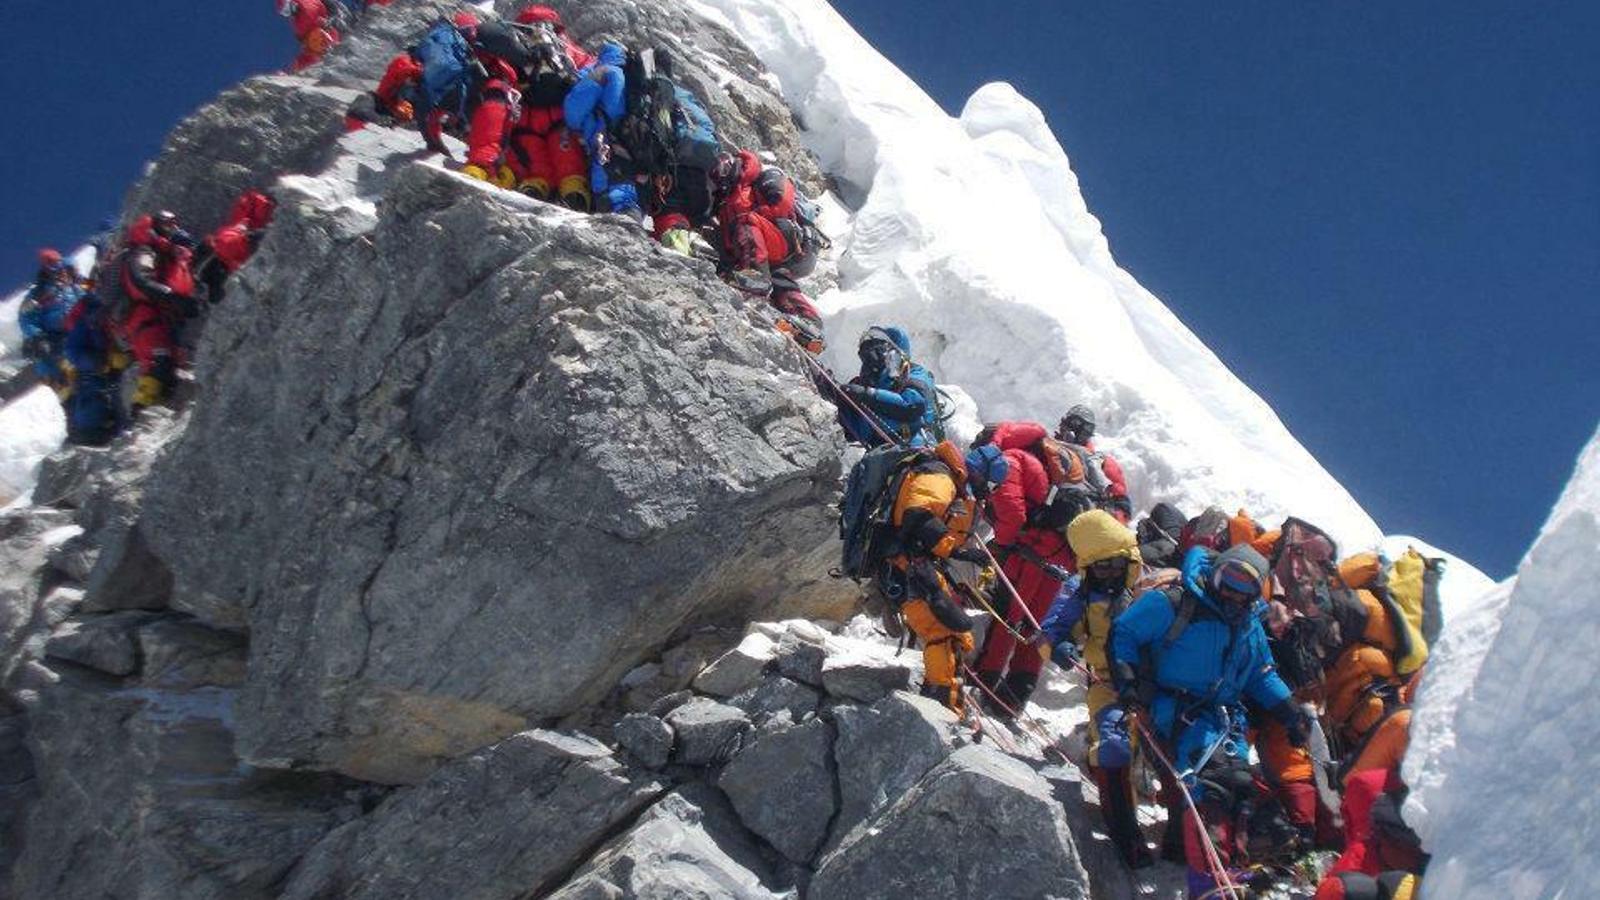 Els alpinistes han de fer cua per pujar a l'Everest a causa de la gran afluència de gent